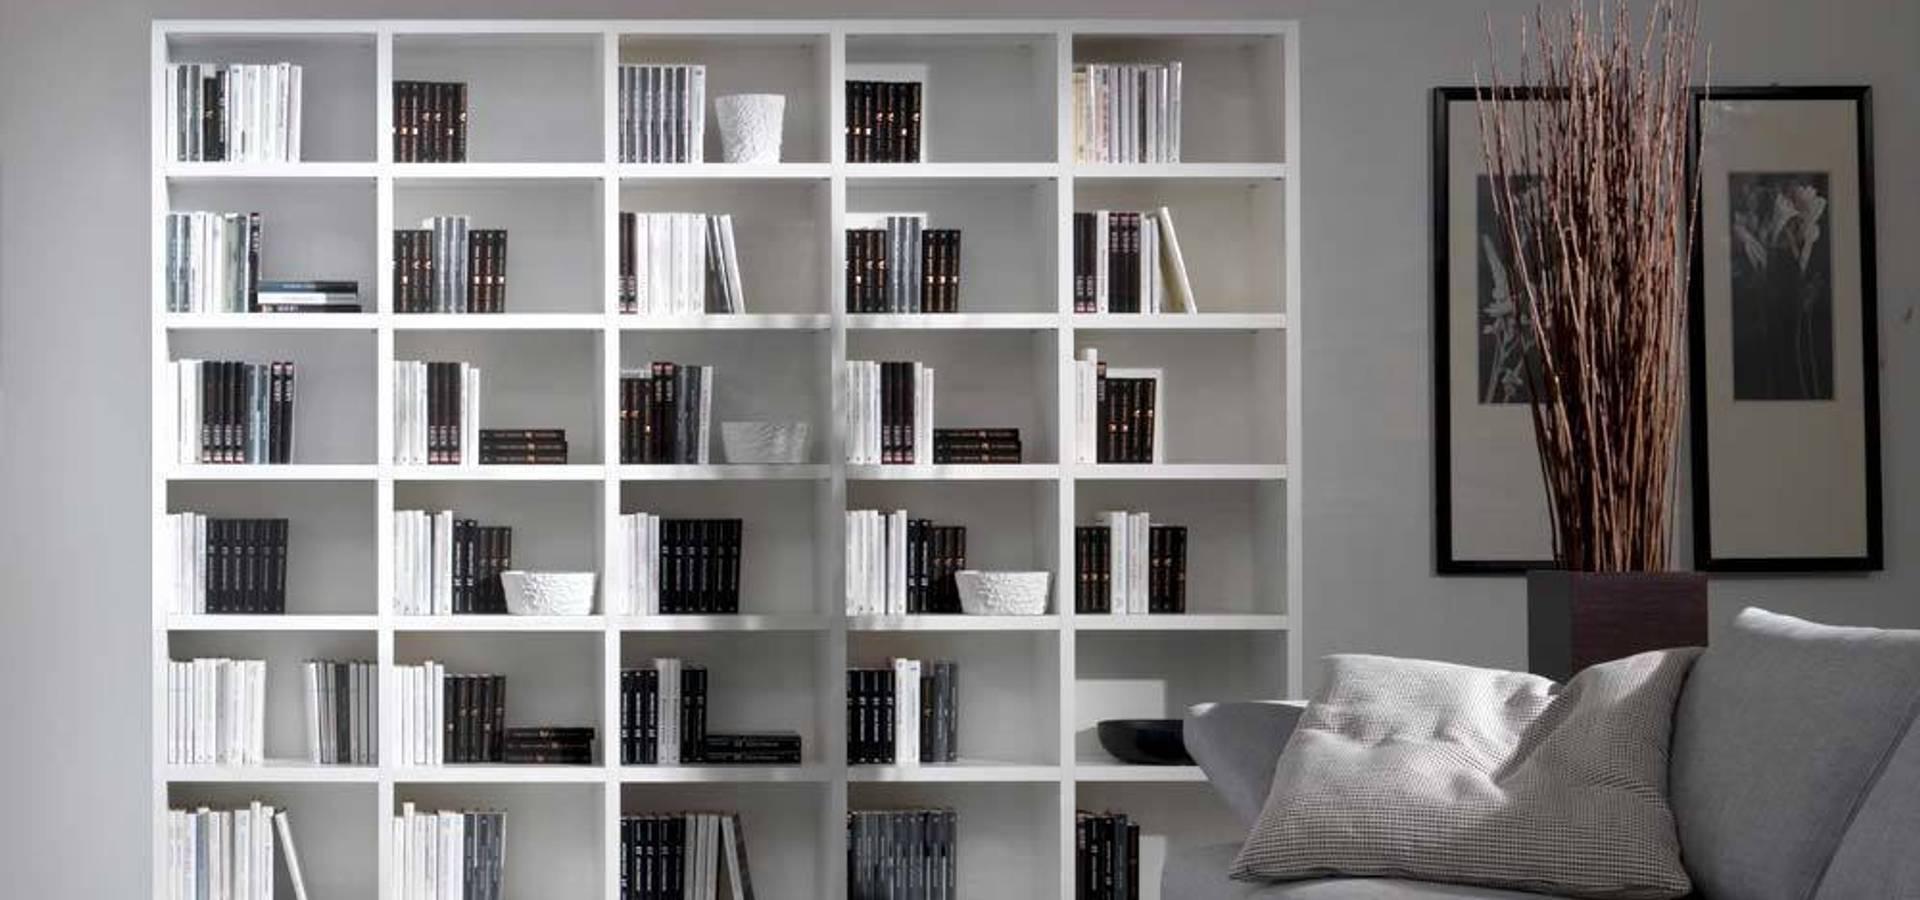 Libreria componibile in nobilitato mod systema di for Libreria angolare componibile